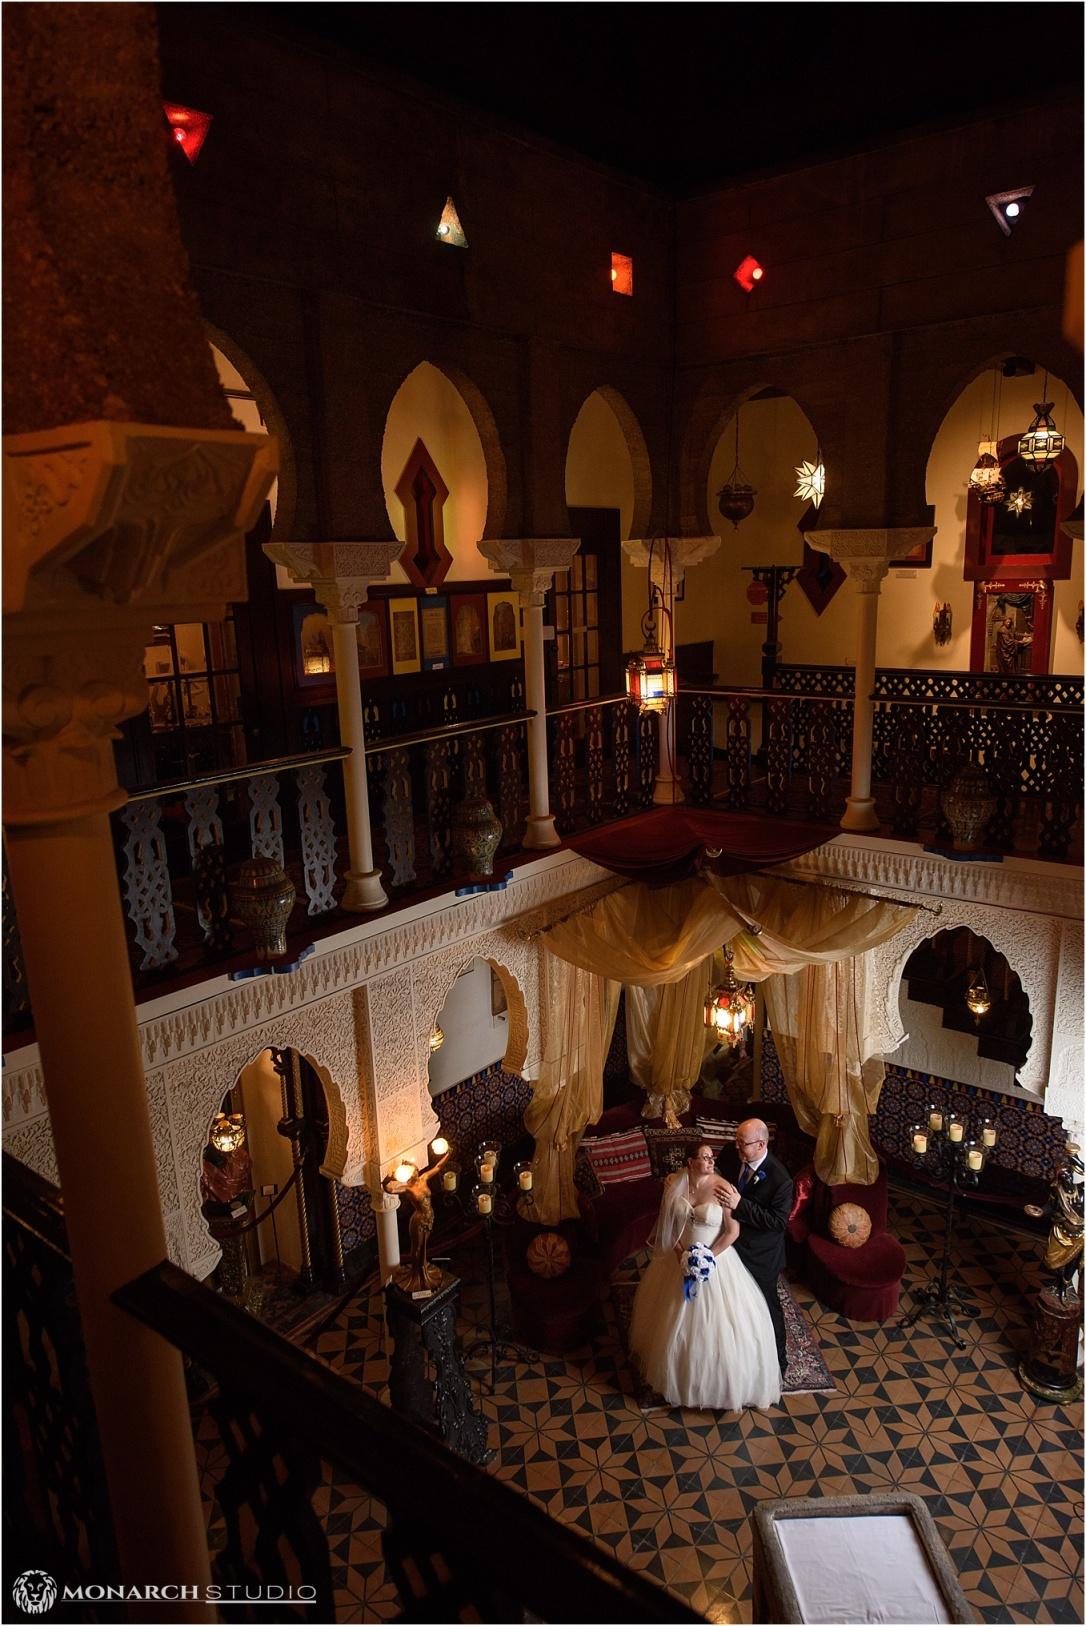 St Augustine Wedding -St Augustine Distillery - Monarch Studio